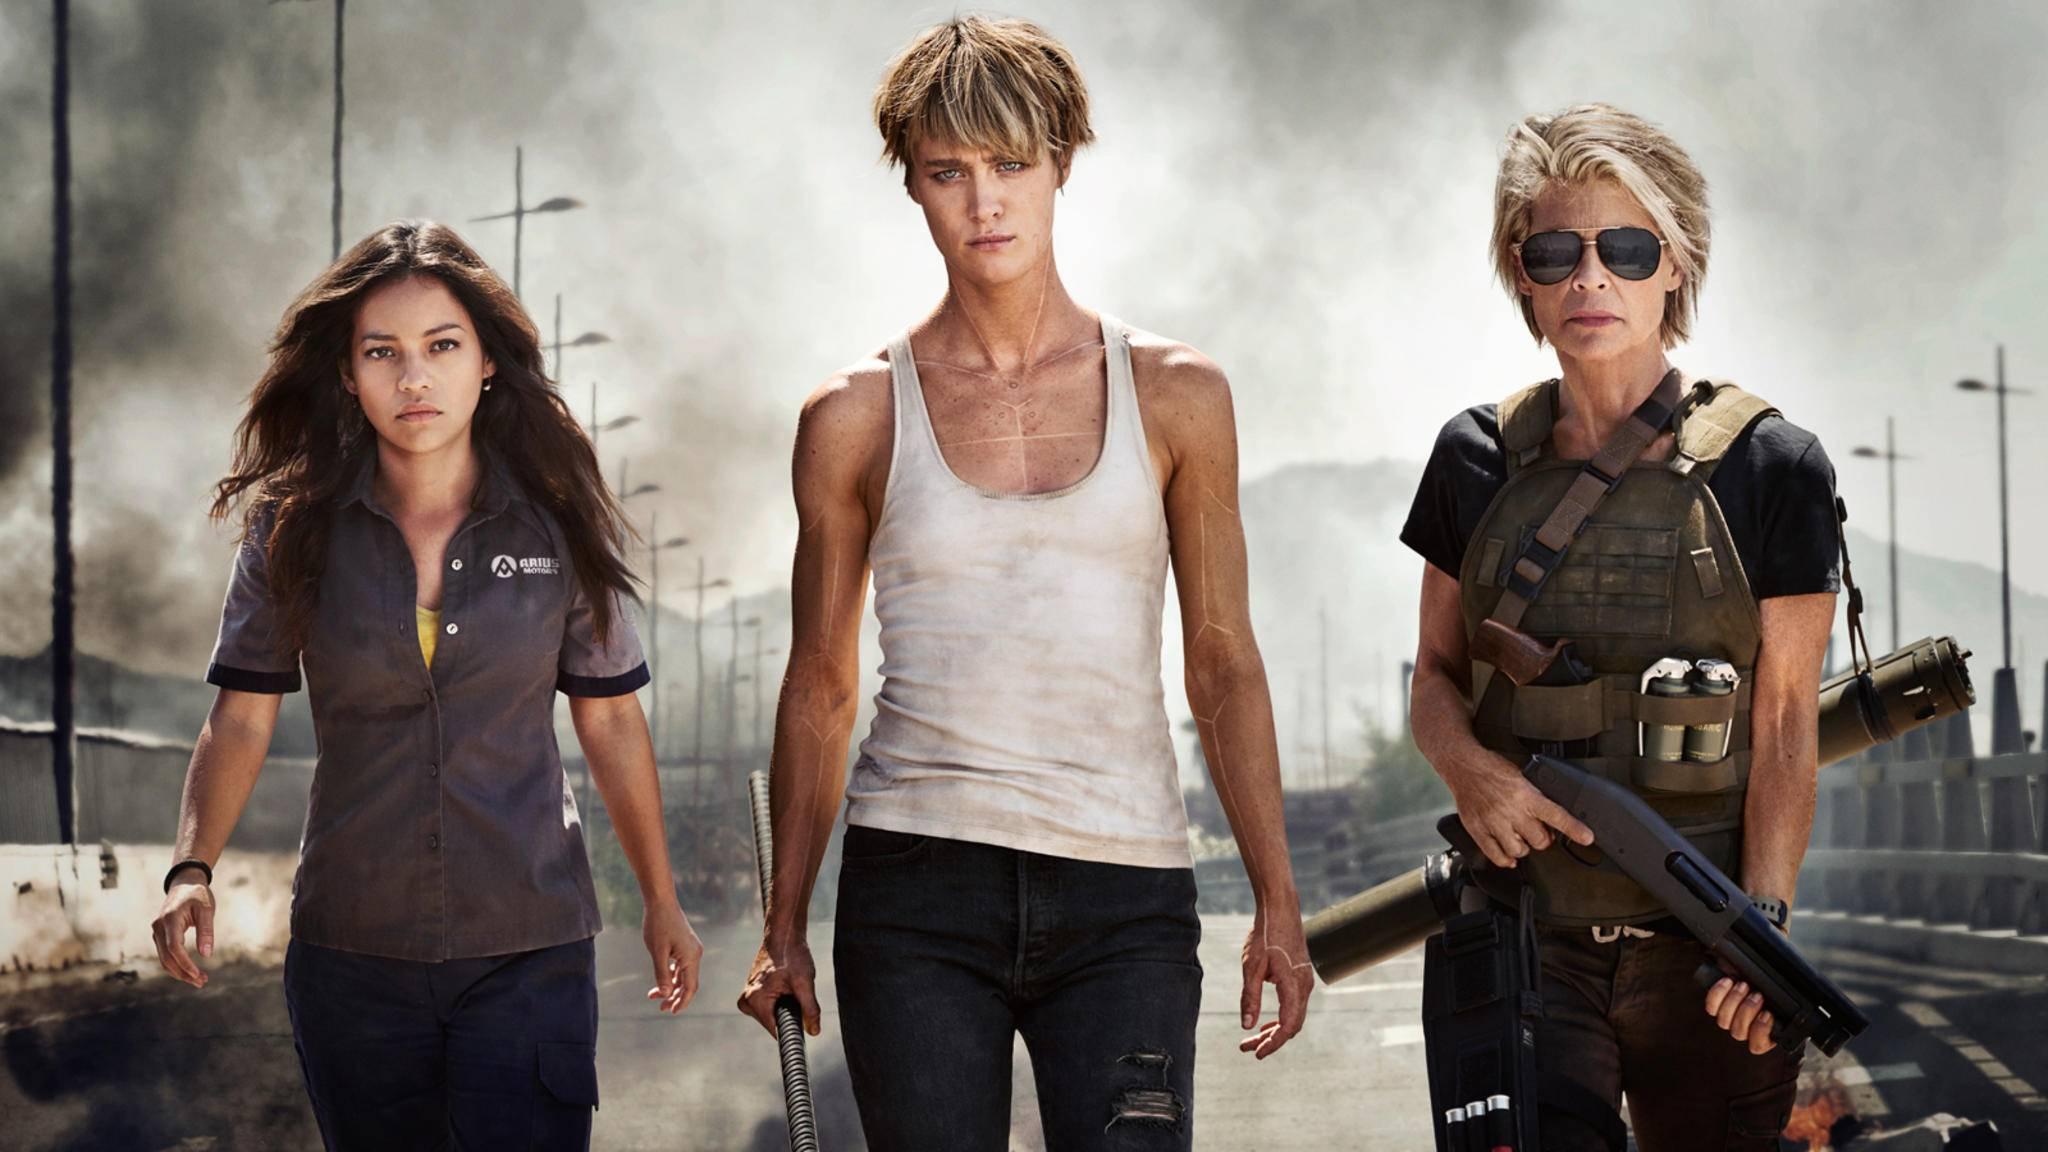 """Die Charaktere Dani, Grace und Sarah Connor (von links) bringen in """"Terminator 6"""" offenbar geballte Frauenpower mit."""